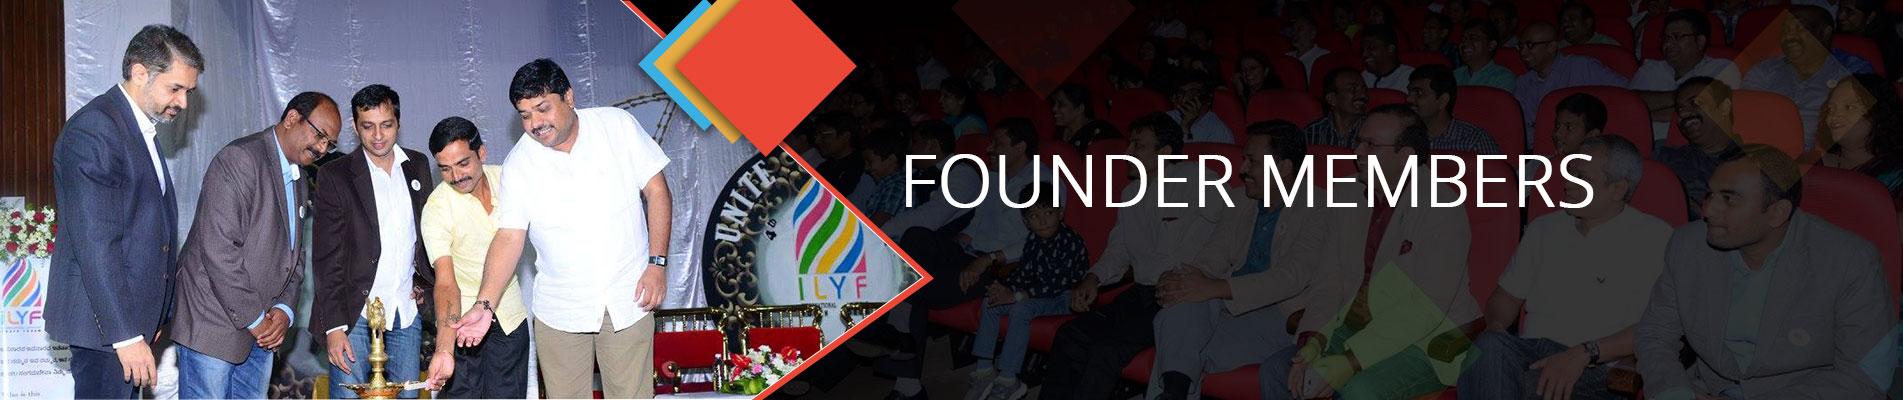 Founder-Members